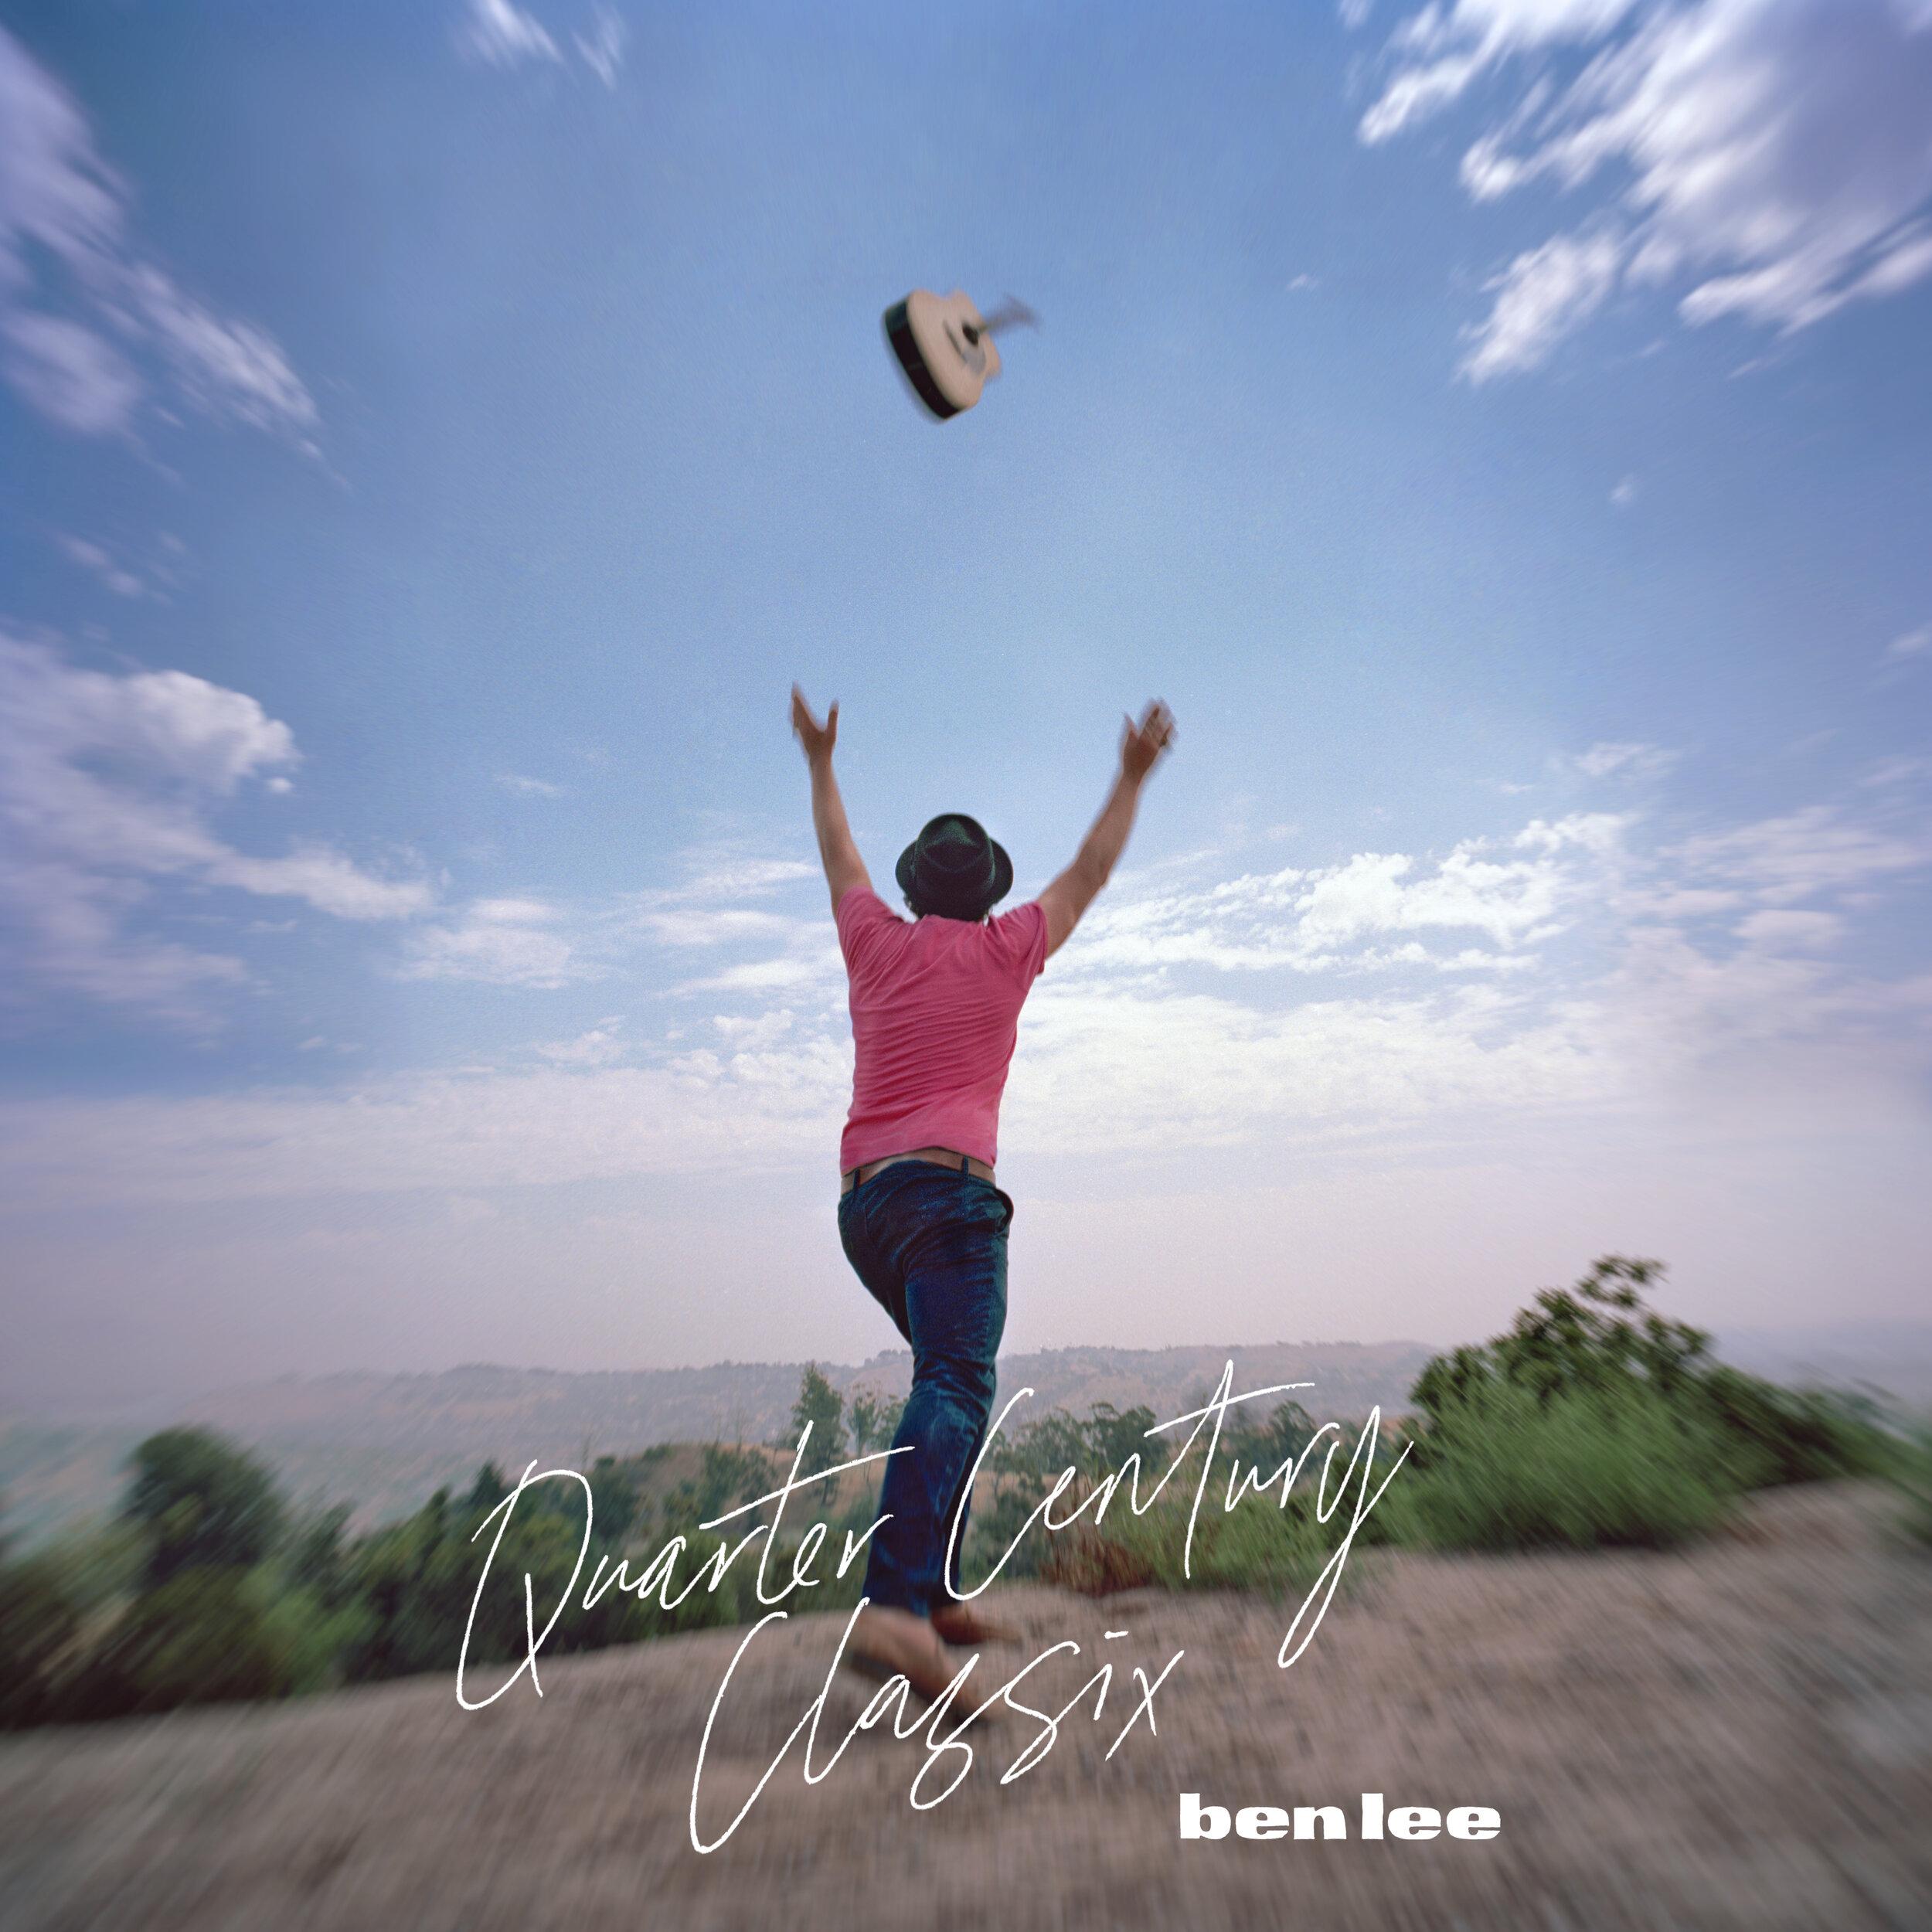 Quarter Century Classix Album Cover  Download 300 DPI Image